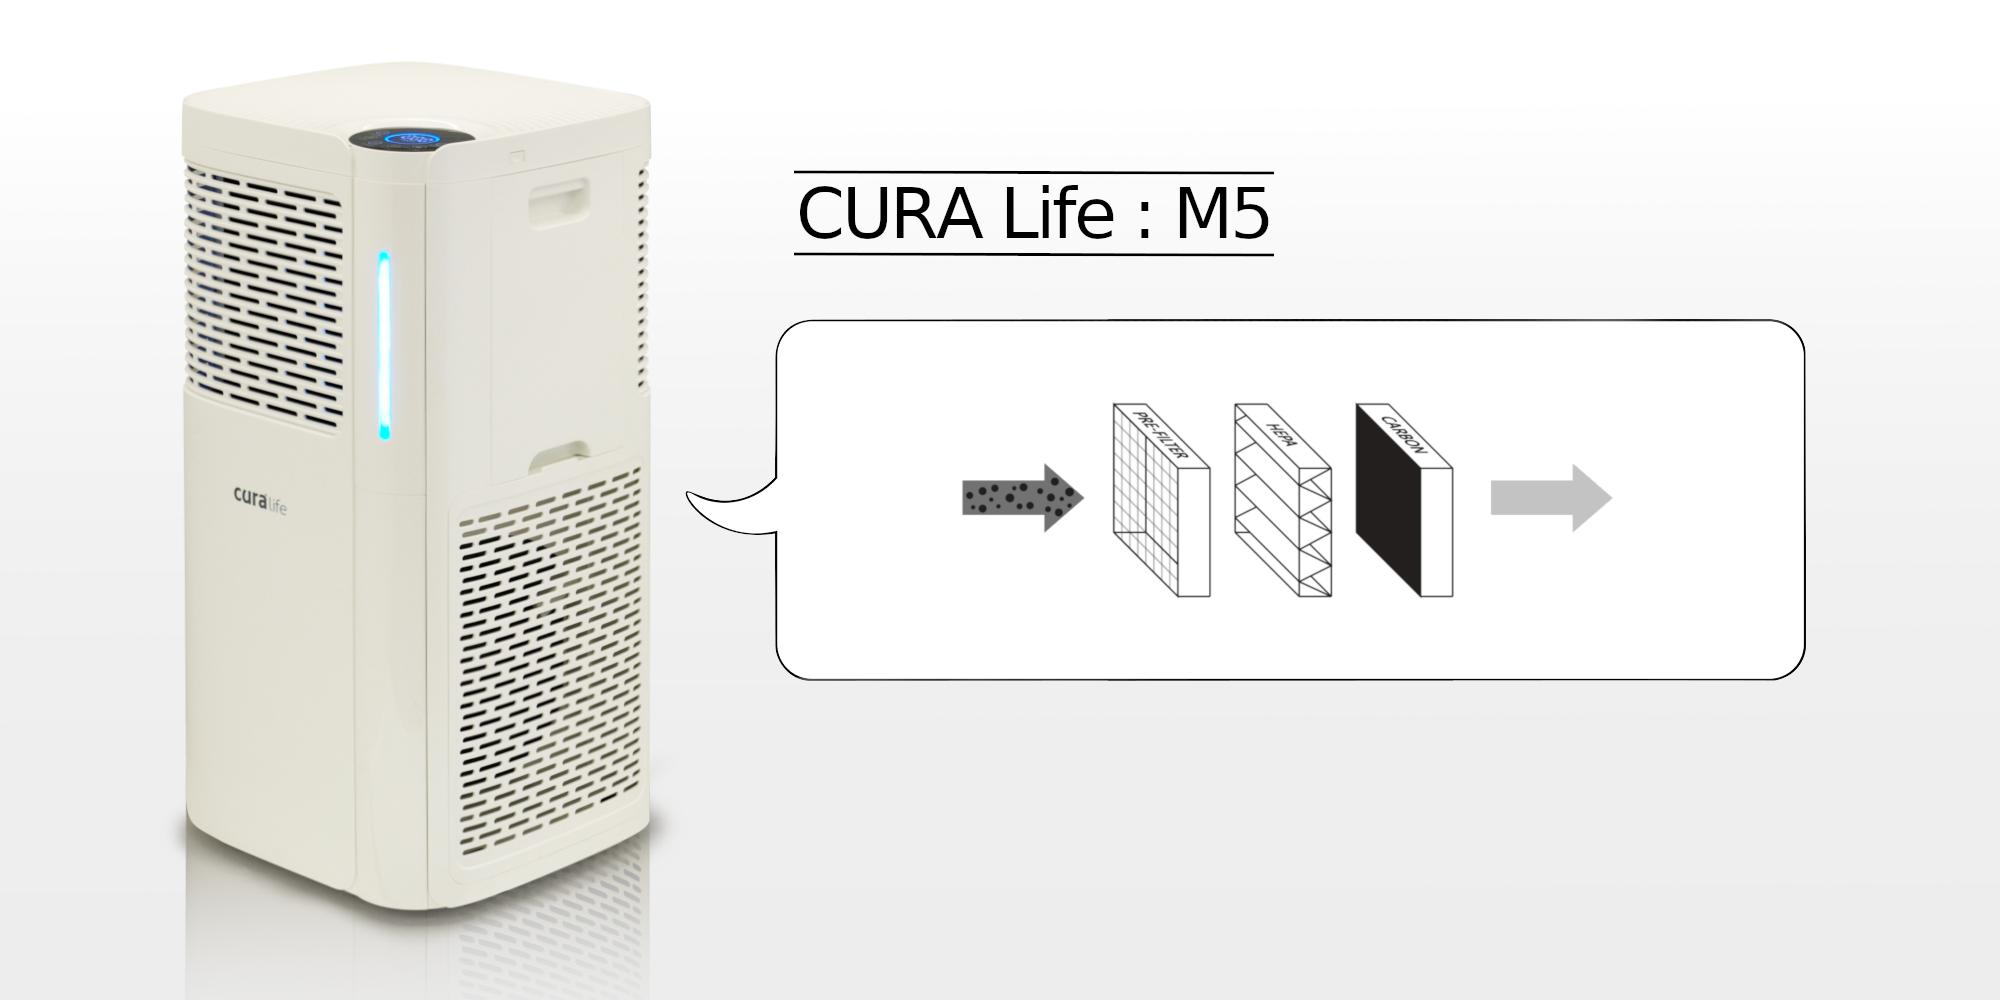 เครื่องฟอกอากาศ กรองดักกำจัดฝุ่นด้วย Pre-filter และ HEPA filter ดักจับกลิ่นด้วย Activated Carbon ยี่ห้อ CURA Life รุ่น M5 สามารถดักจับฝุ่นละเอียดระดับ PM 2.5 ได้มากกว่า 99%